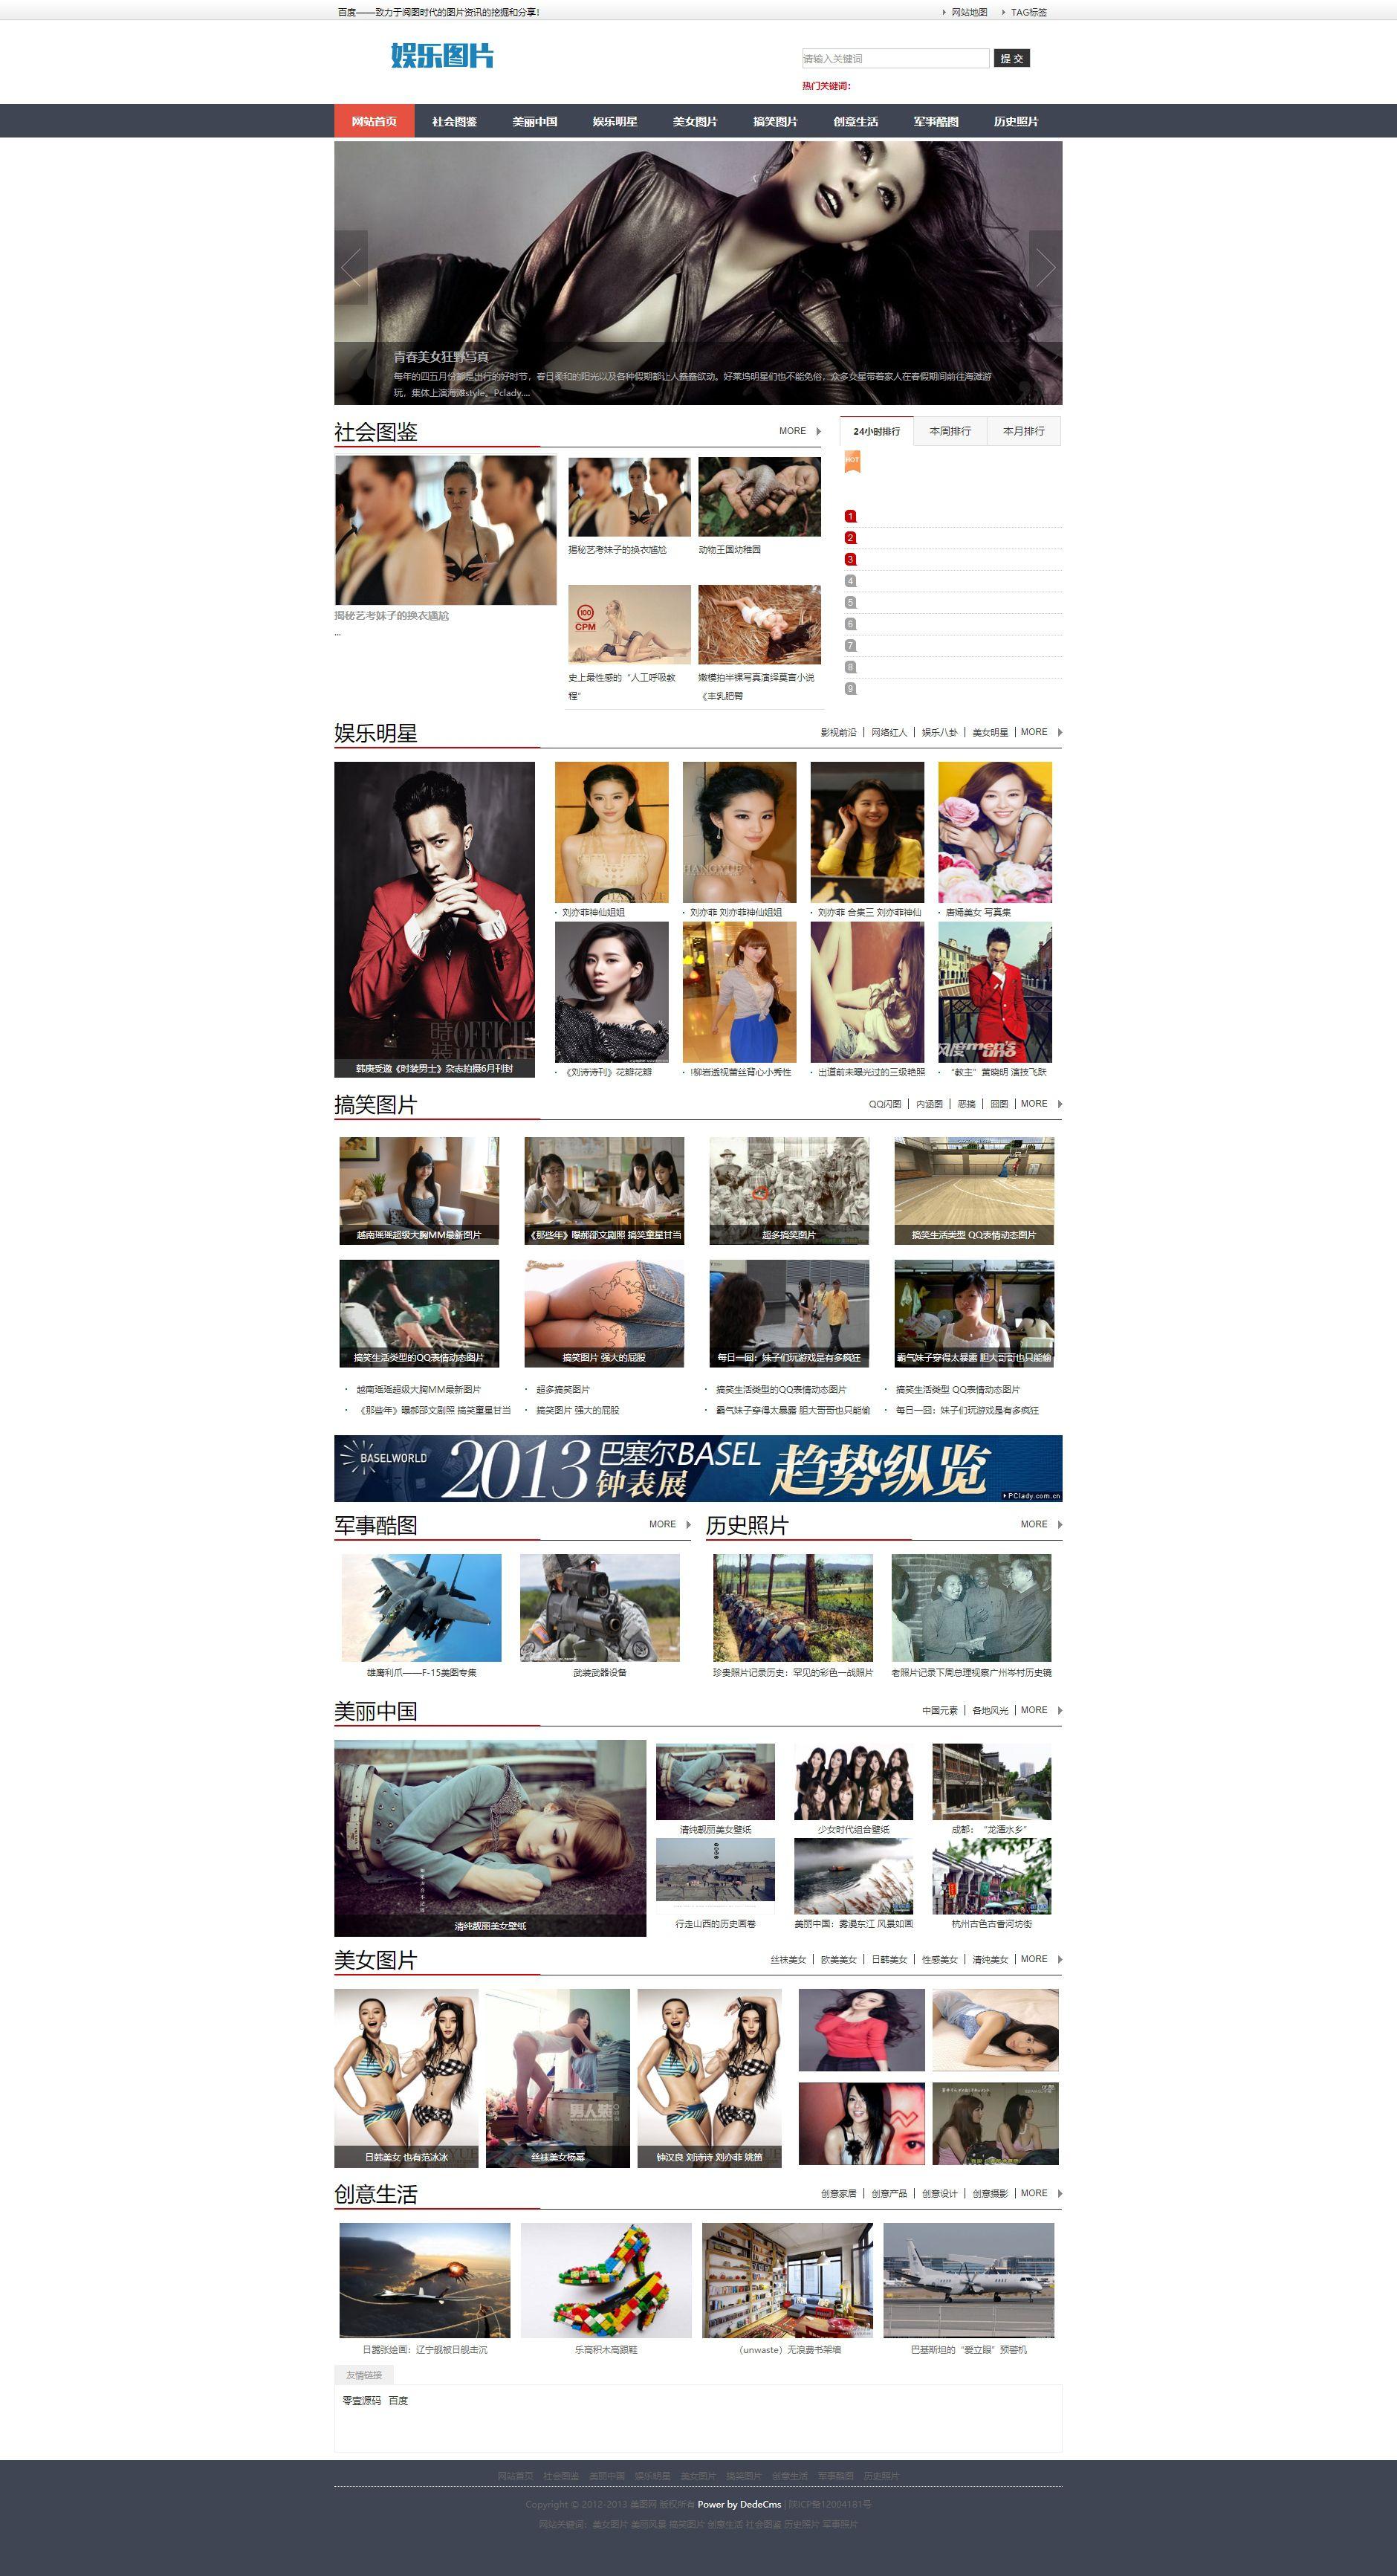 织梦dedecms图片站模板(仿太平洋女性网)